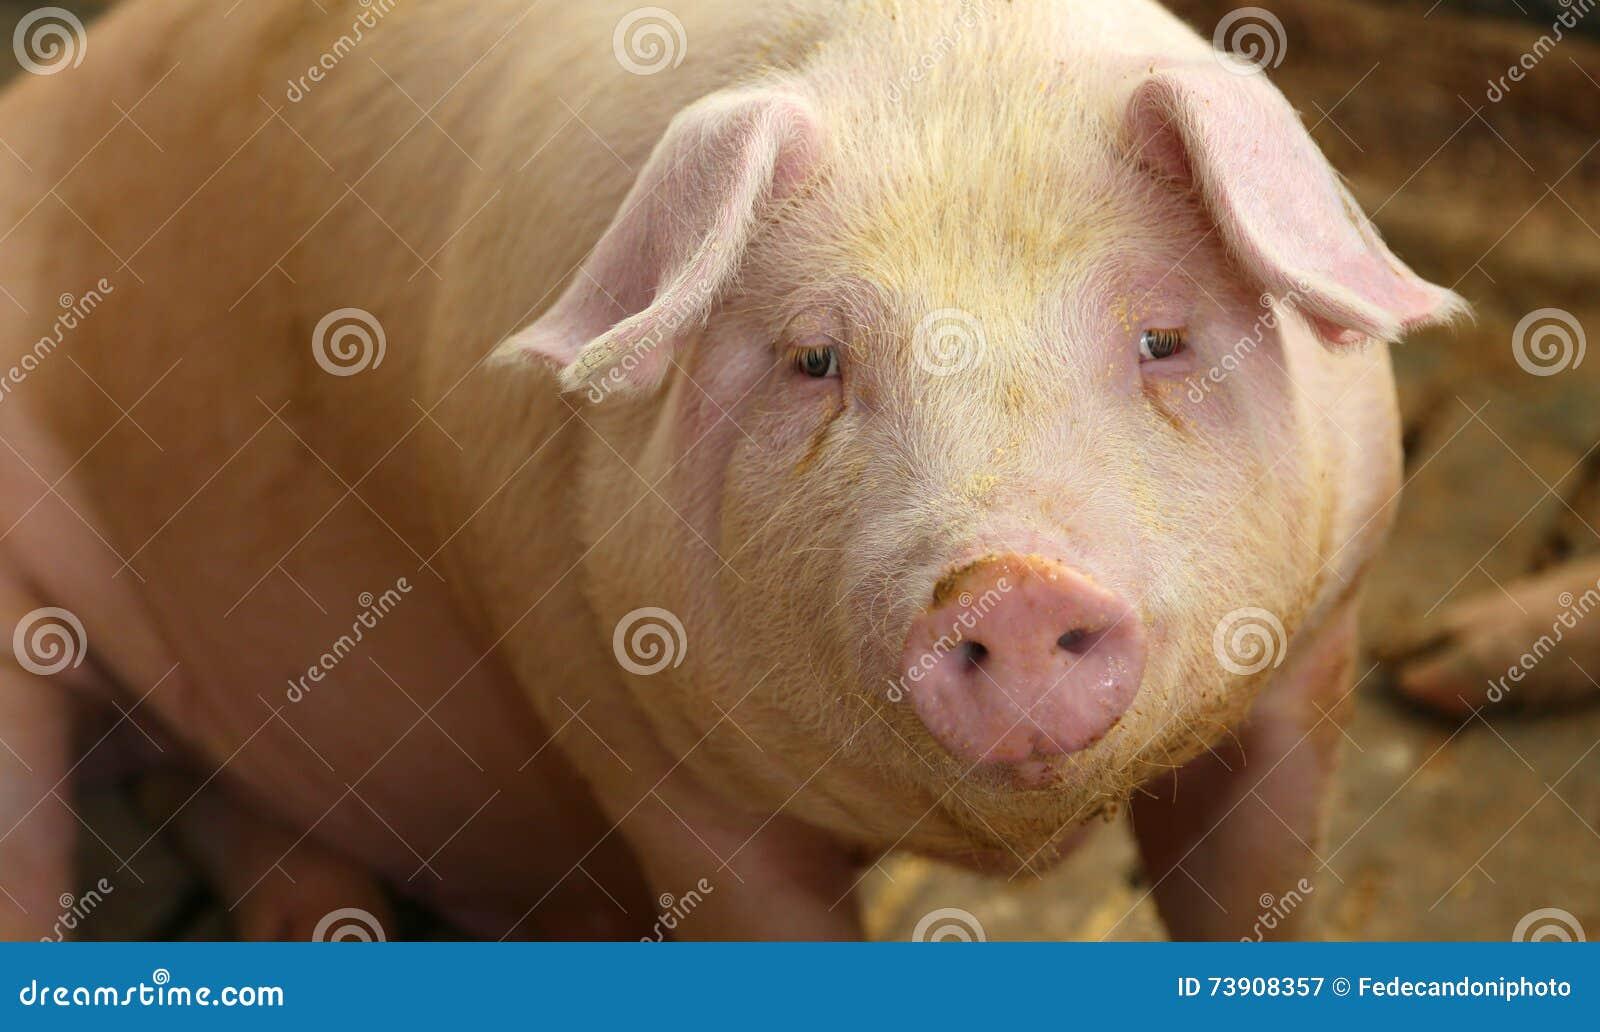 Grube świnie w sty na gospodarstwie rolnym